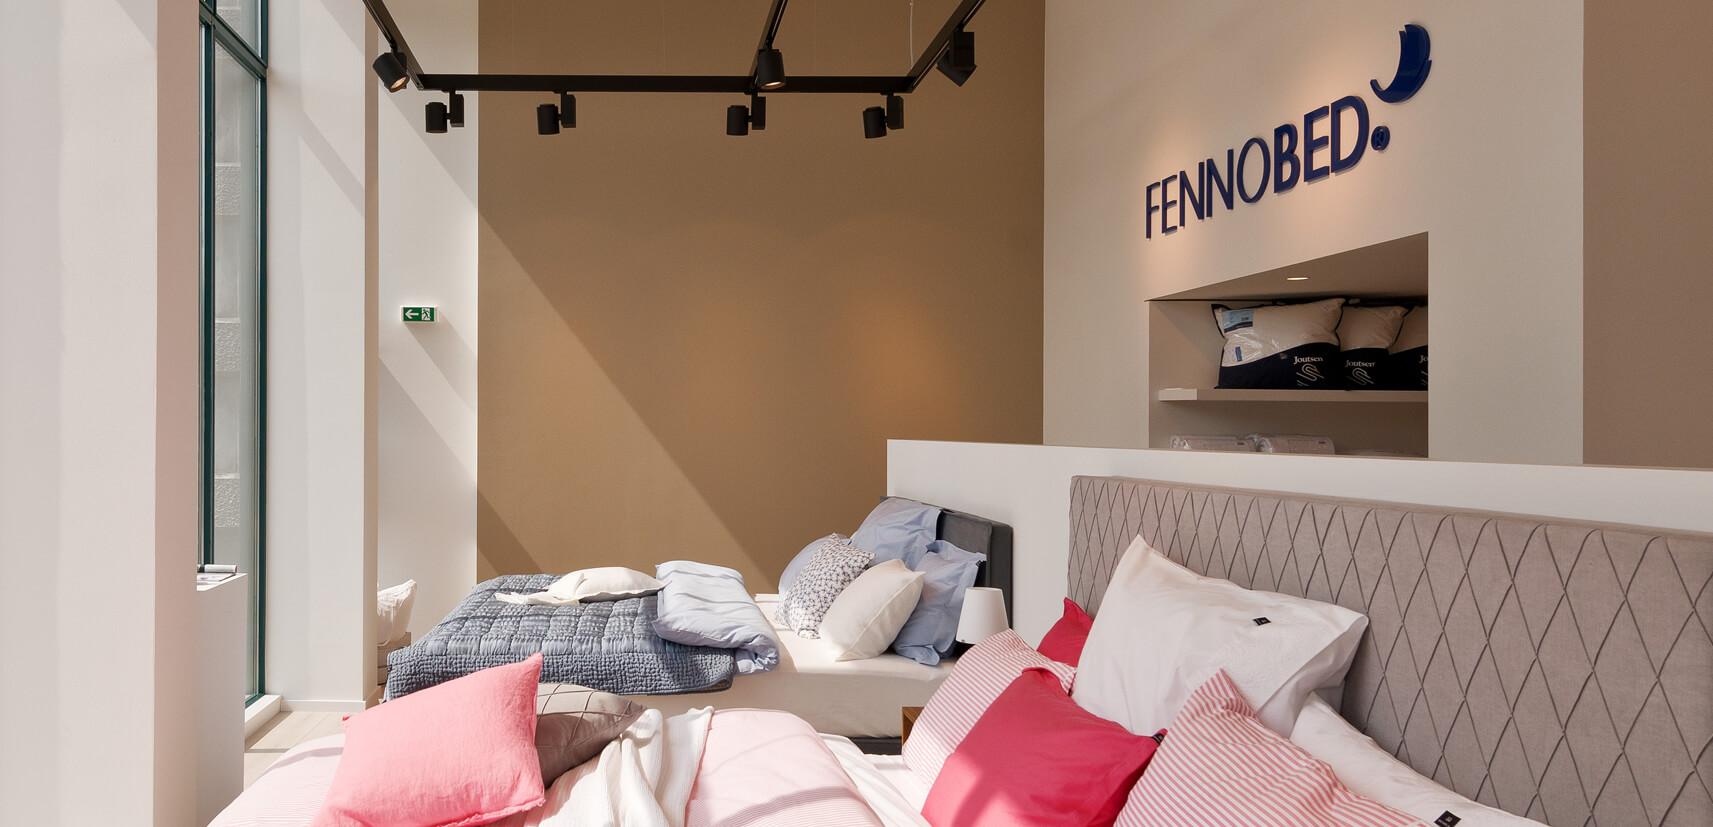 Fennobed Showroom Standort Hannover